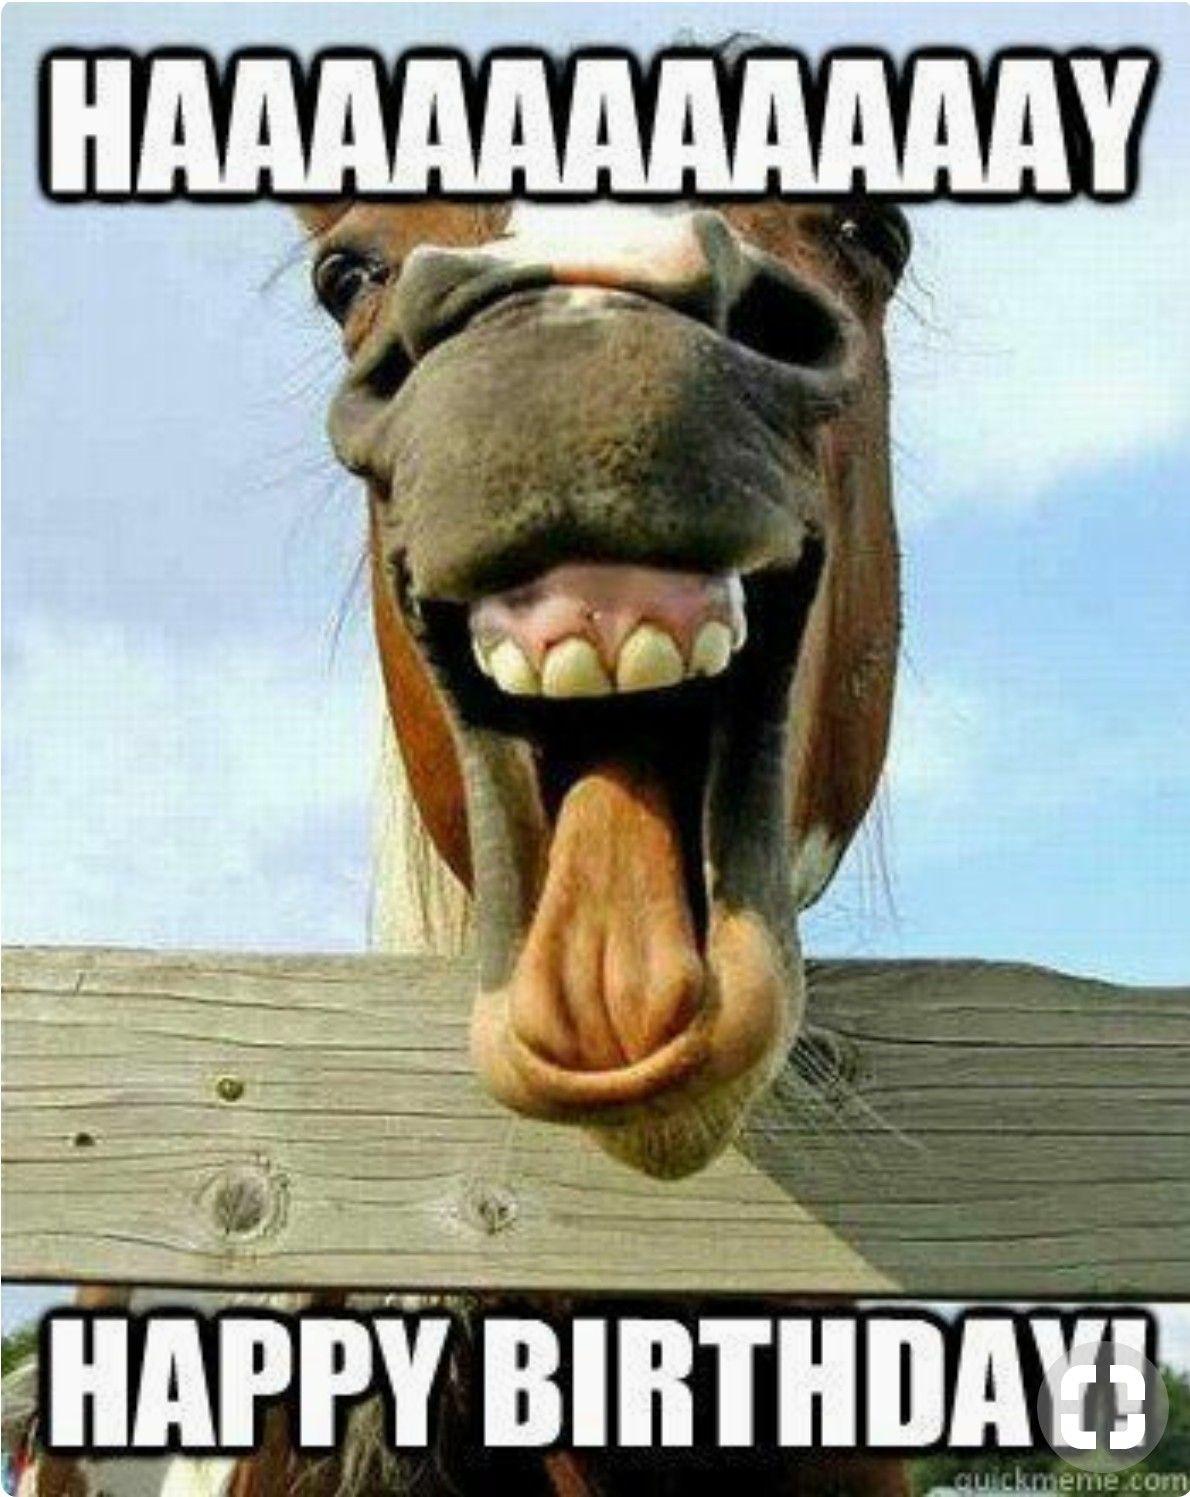 Pin By Jenny Shilling On Geburtstag Bilder Funny Happy Birthday Meme Birthday Wishes Funny Happy Birthday Funny